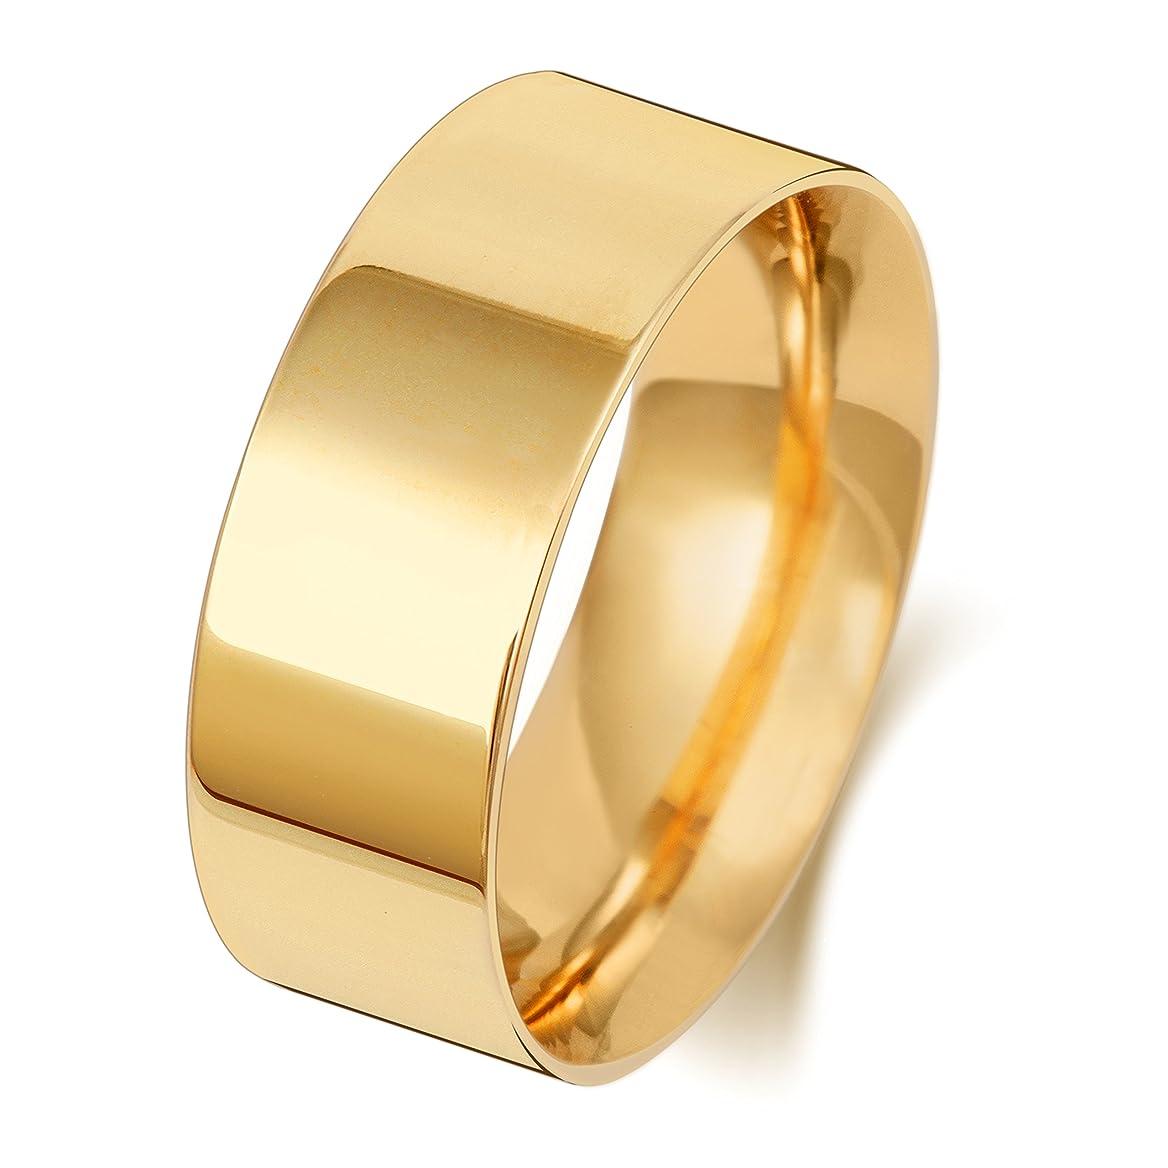 勘違いするバックグラウンドカフェ9K 9金イエローゴールド 8mm 男性 女性 ウェディングバンド マリッジリング(結婚指輪) WQS189789KY